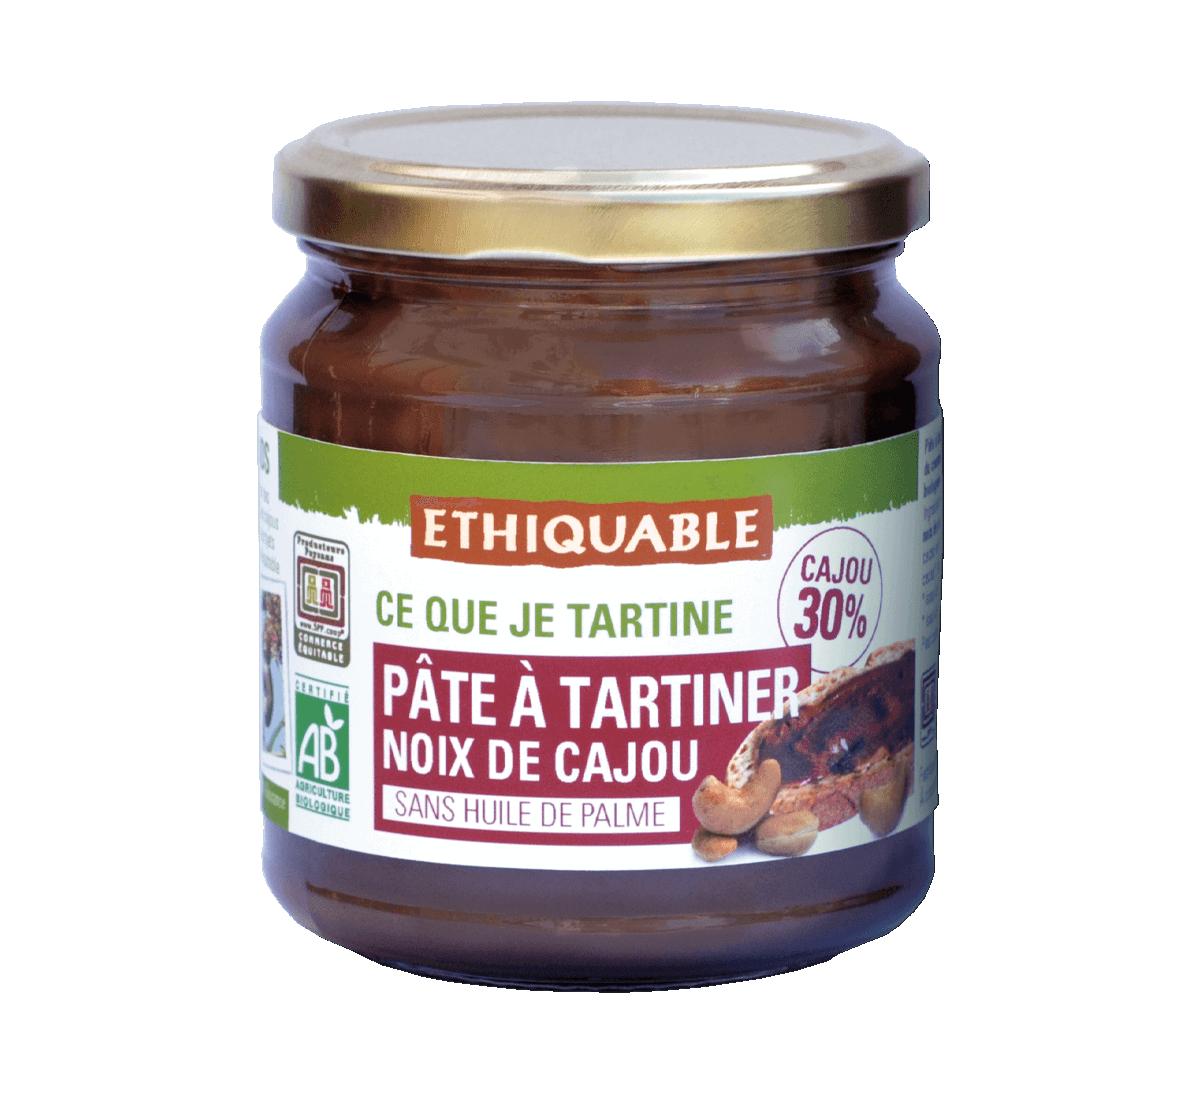 Pâte à tartiner cajou bio issue du Commerce Equitable I Ethiquable